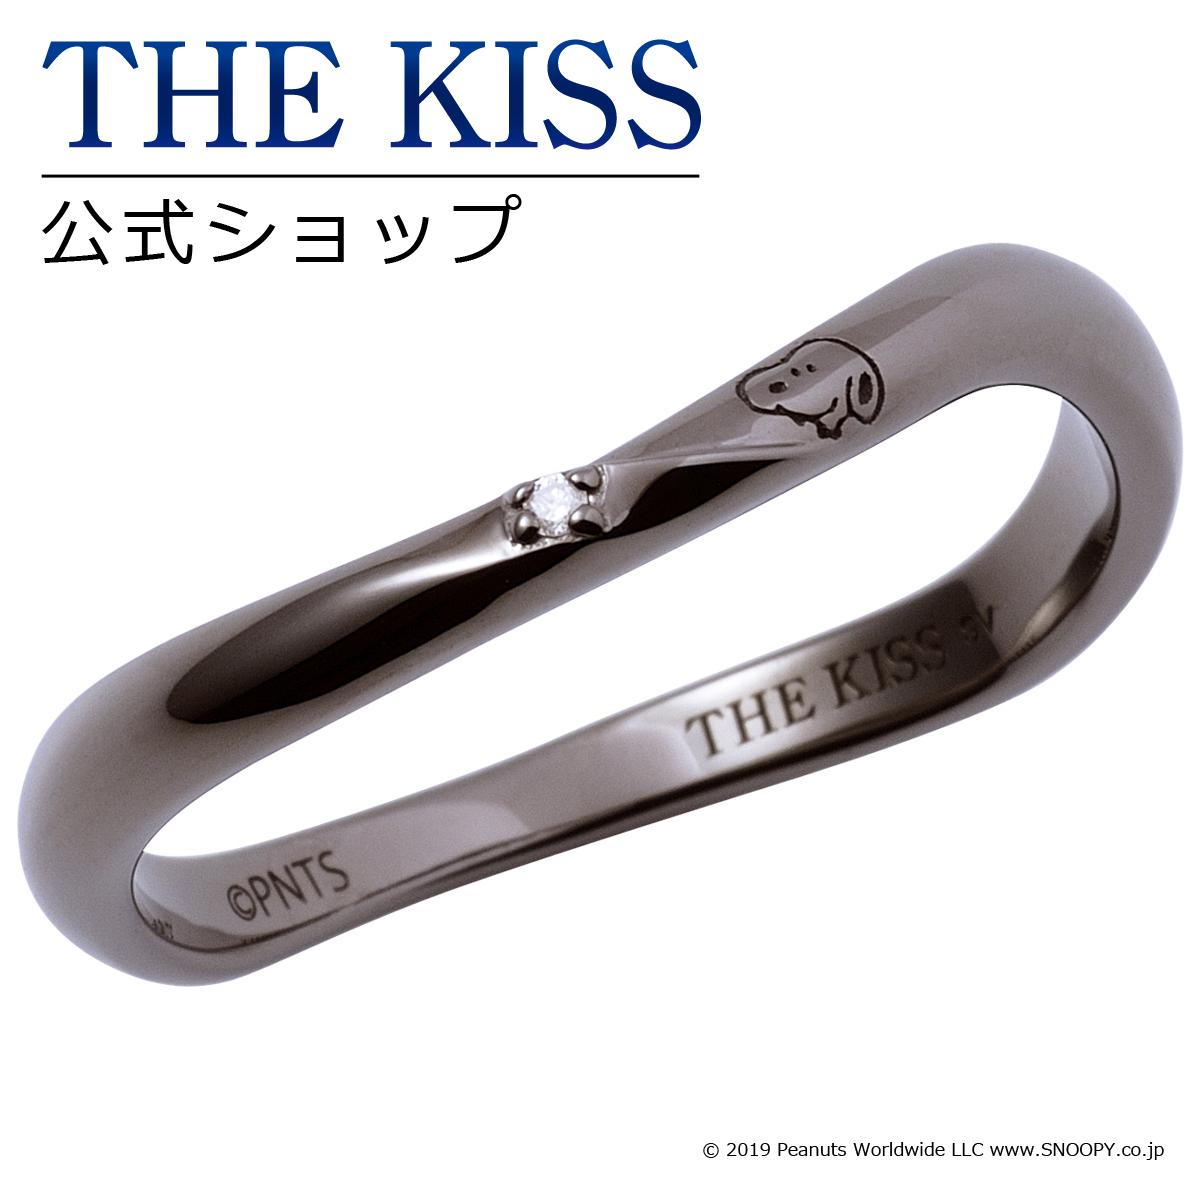 【あす楽対応】【PEANUTS×THE KISSコラボ】PEANUTS スヌーピー / THE KISS 公式サイト シルバー ペアリング ( メンズ 単品 ) ペアアクセサリー カップル に 人気 の ジュエリーブランド THEKISS ペア リング・指輪 記念日 プレゼントPN-SR505DM ザキス 【送料無料】